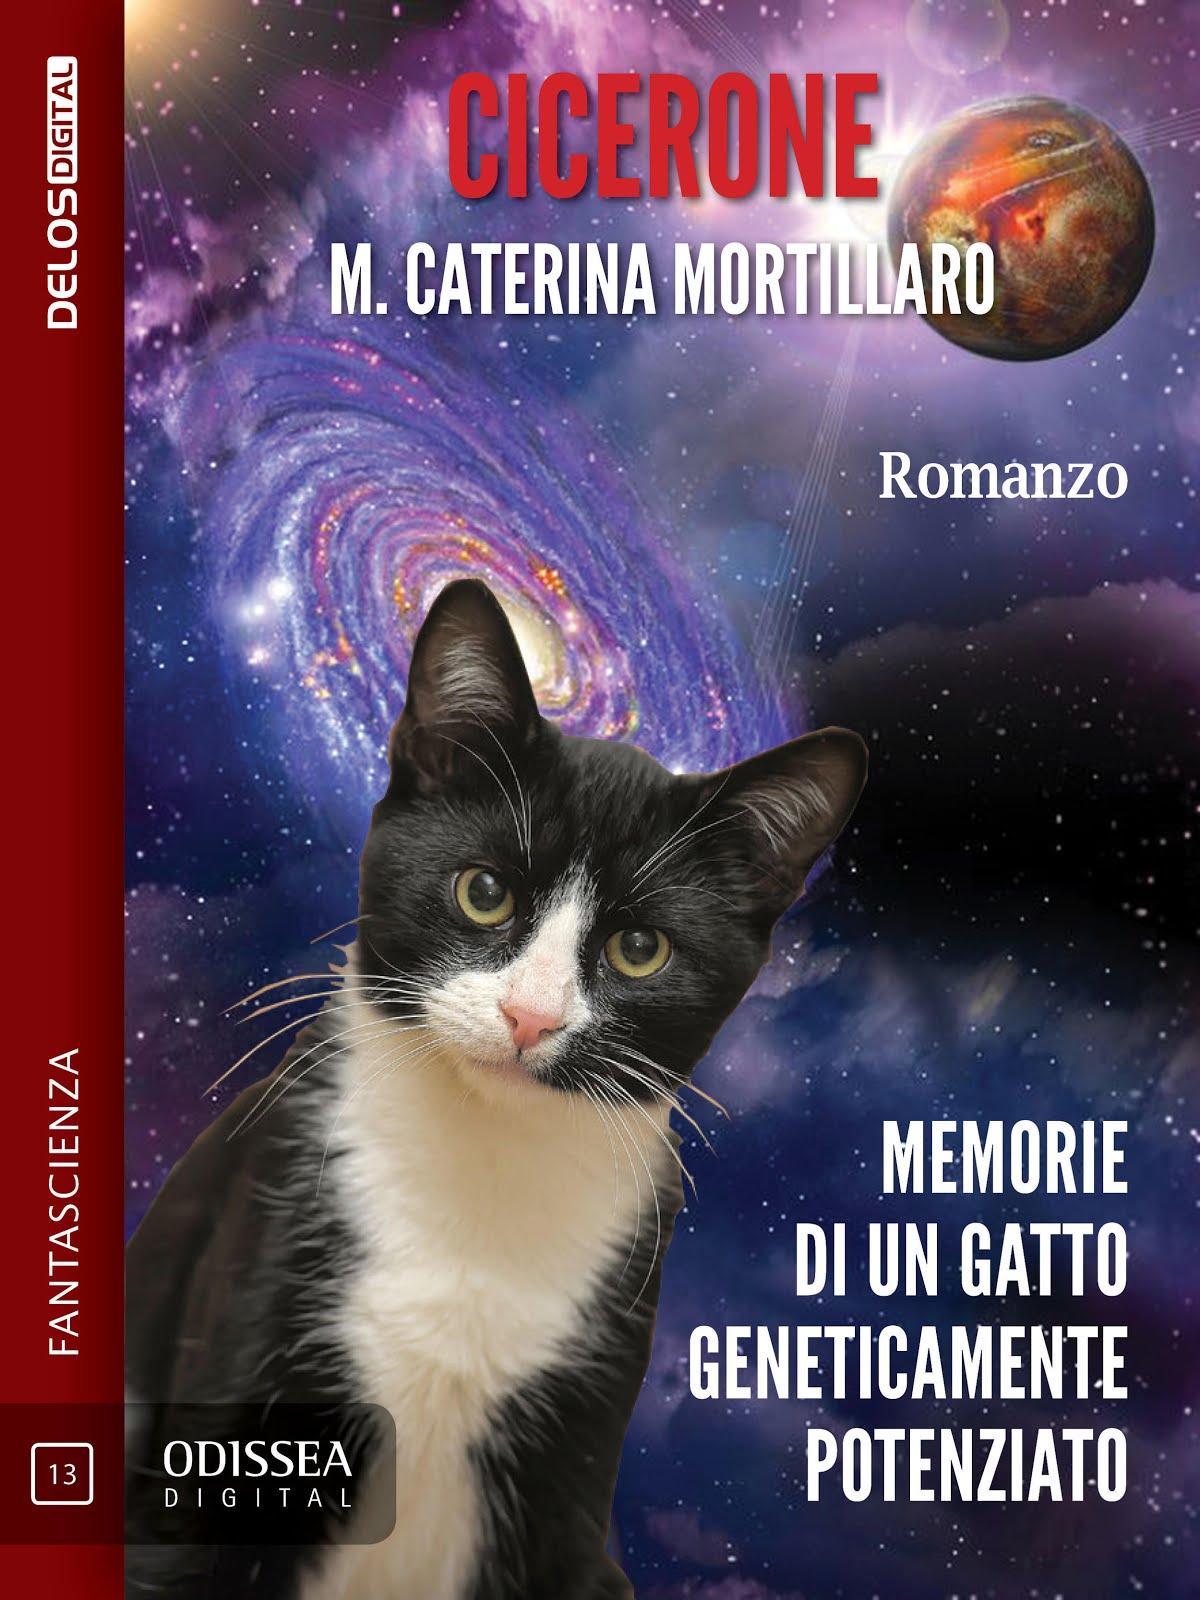 Cicerone. Memorie di un gatto geneticamente potenziato.